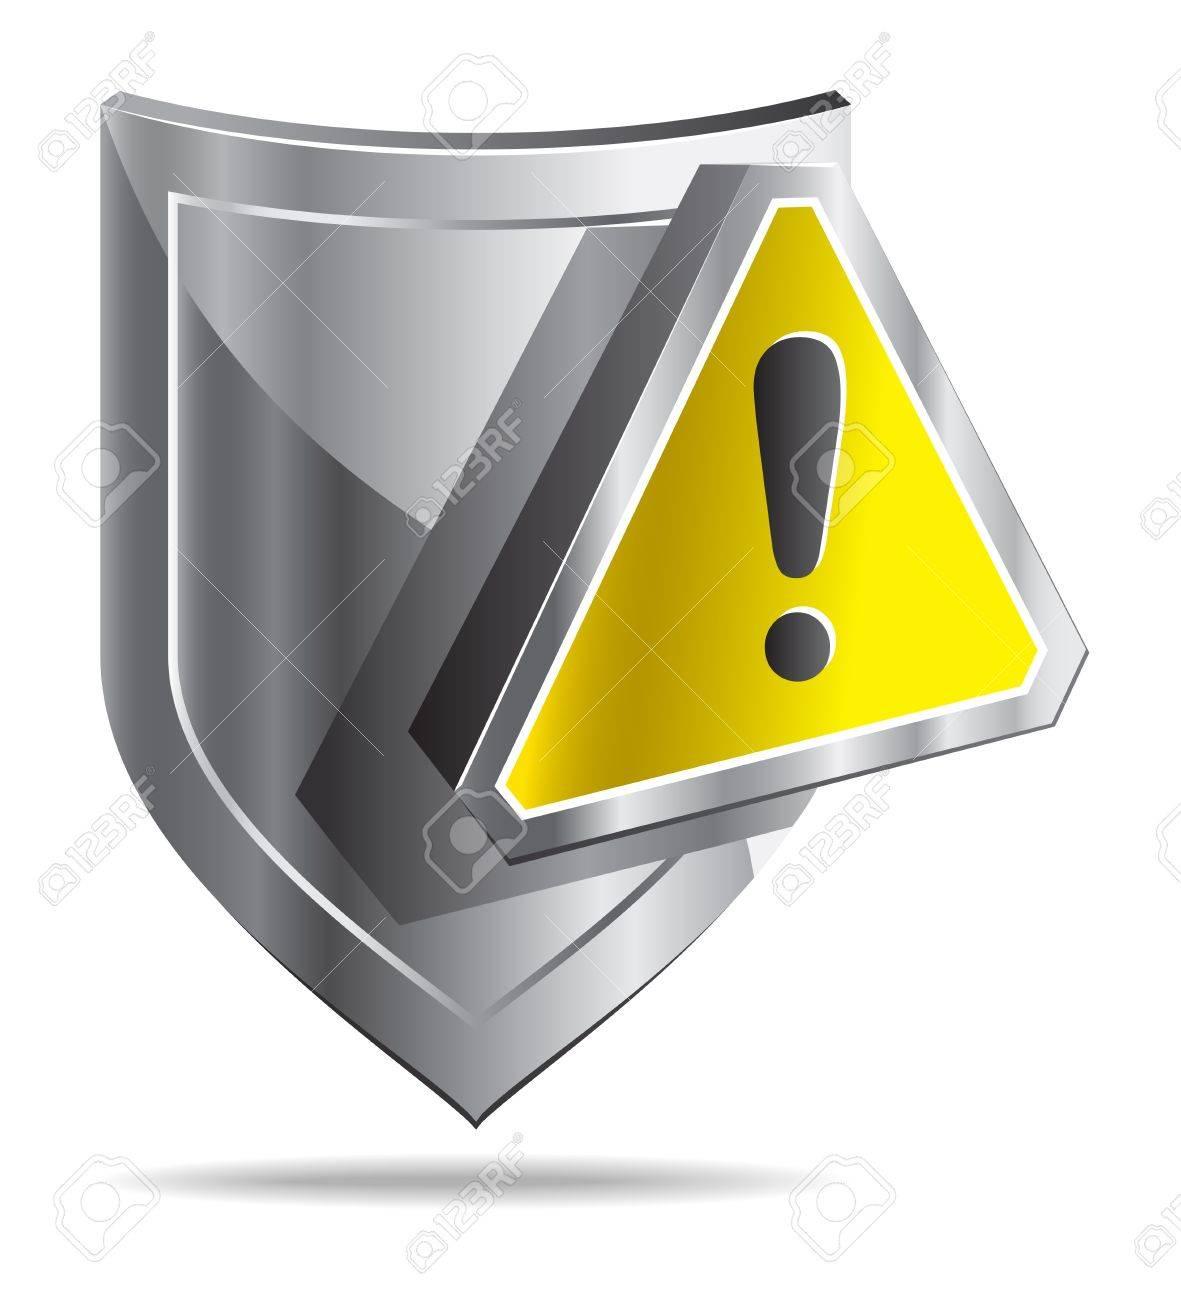 Escudo Y Símbolo De Advertencia Amarillo Aislados Sobre Fondo Blanco ...